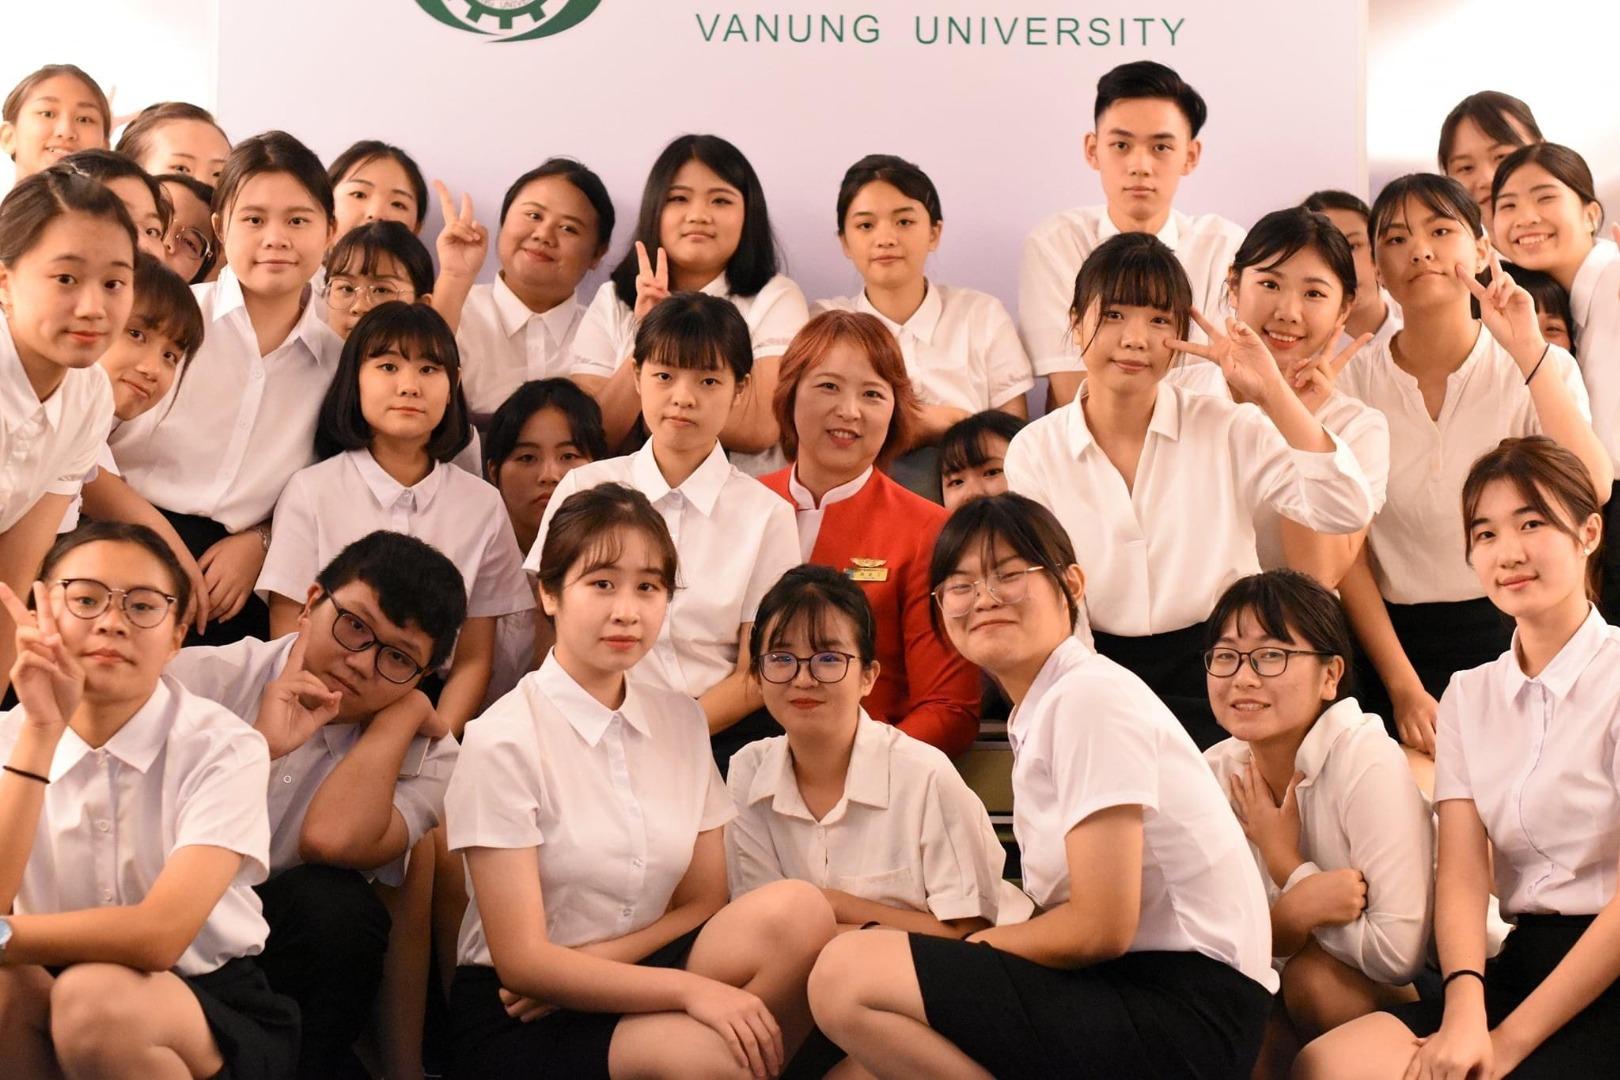 萬能航服系魏慶芳老師(中)與參加訓練營的高中職學生